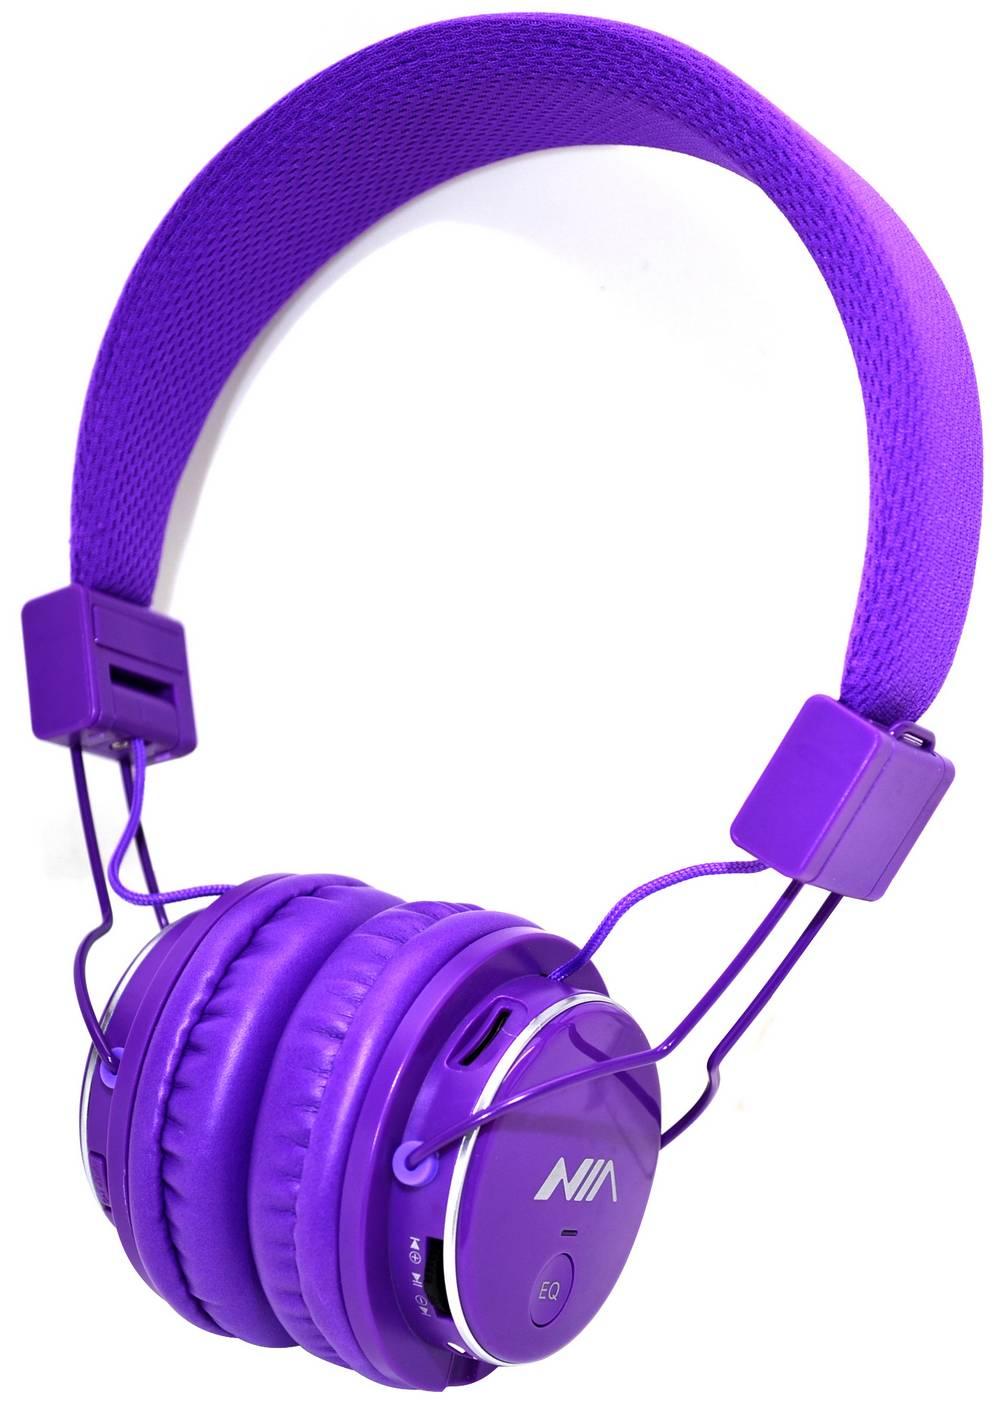 Ακουστικά Stereo NIA Foldable MRH-8809S 3.5 mm Μώβ με Ραδιόφωνο FM και MP3 Player με Κάρτα Μνήμης Micro SD